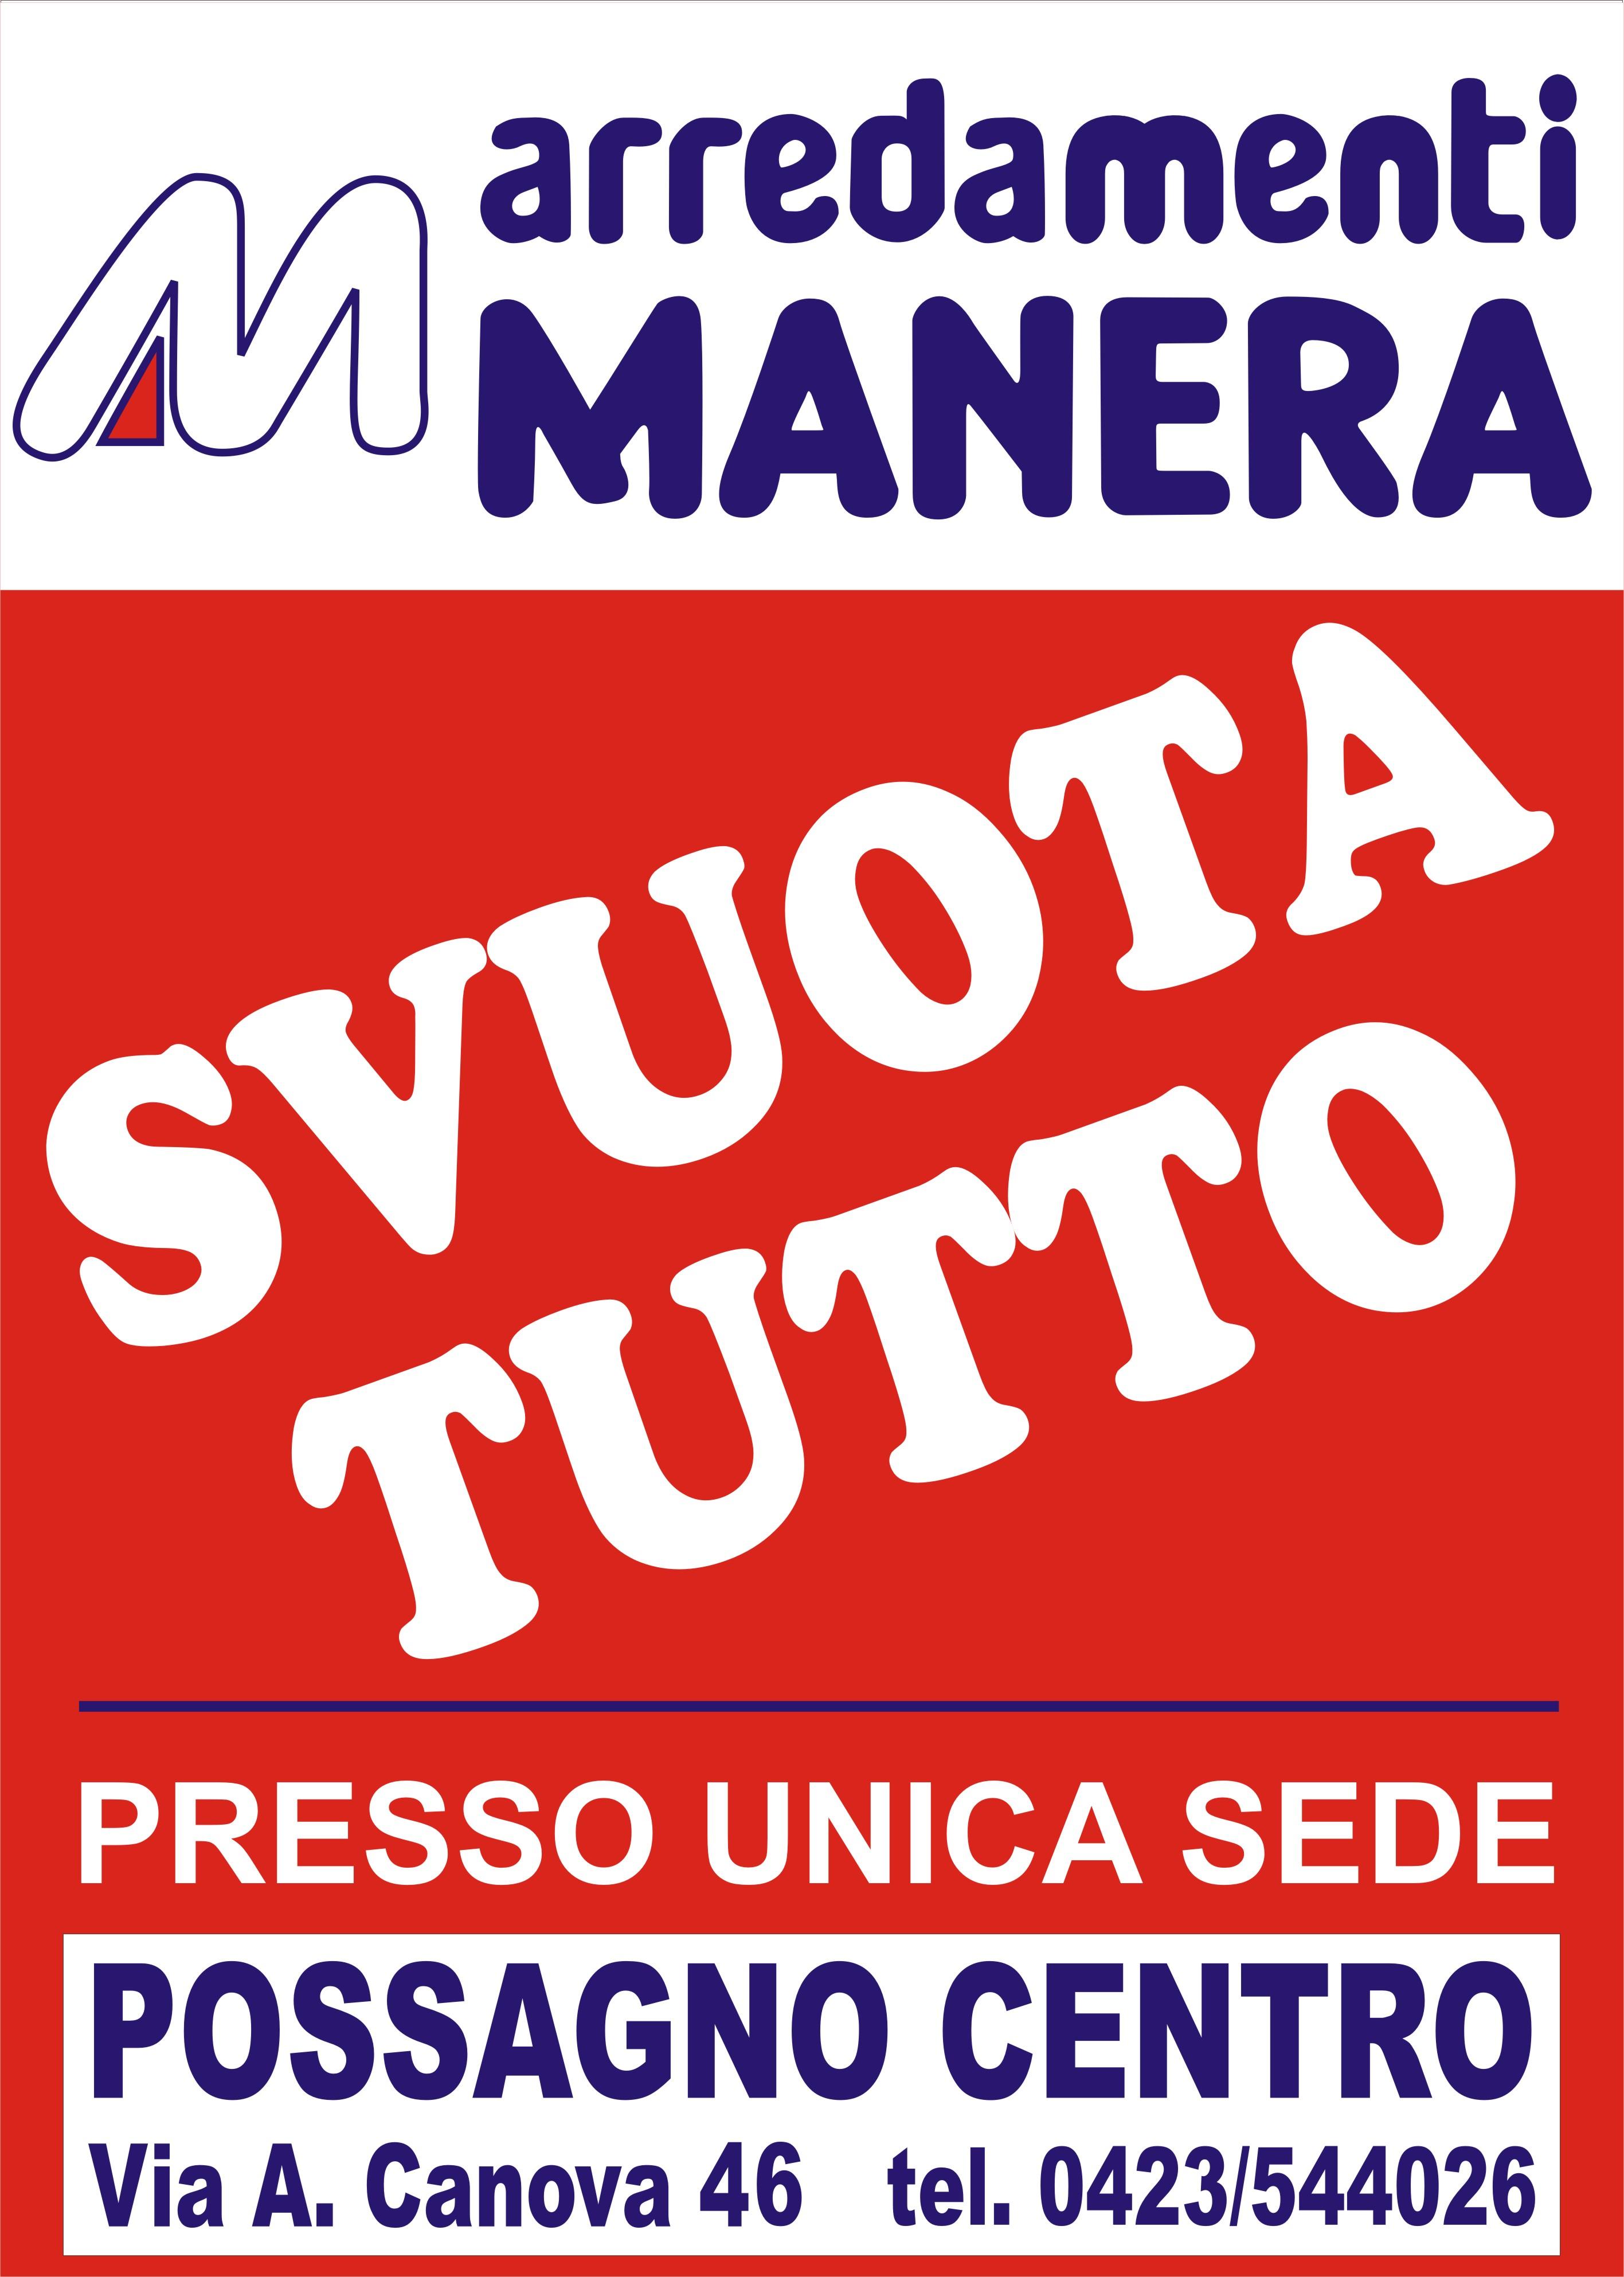 MARERA LUGLIO NUOVE